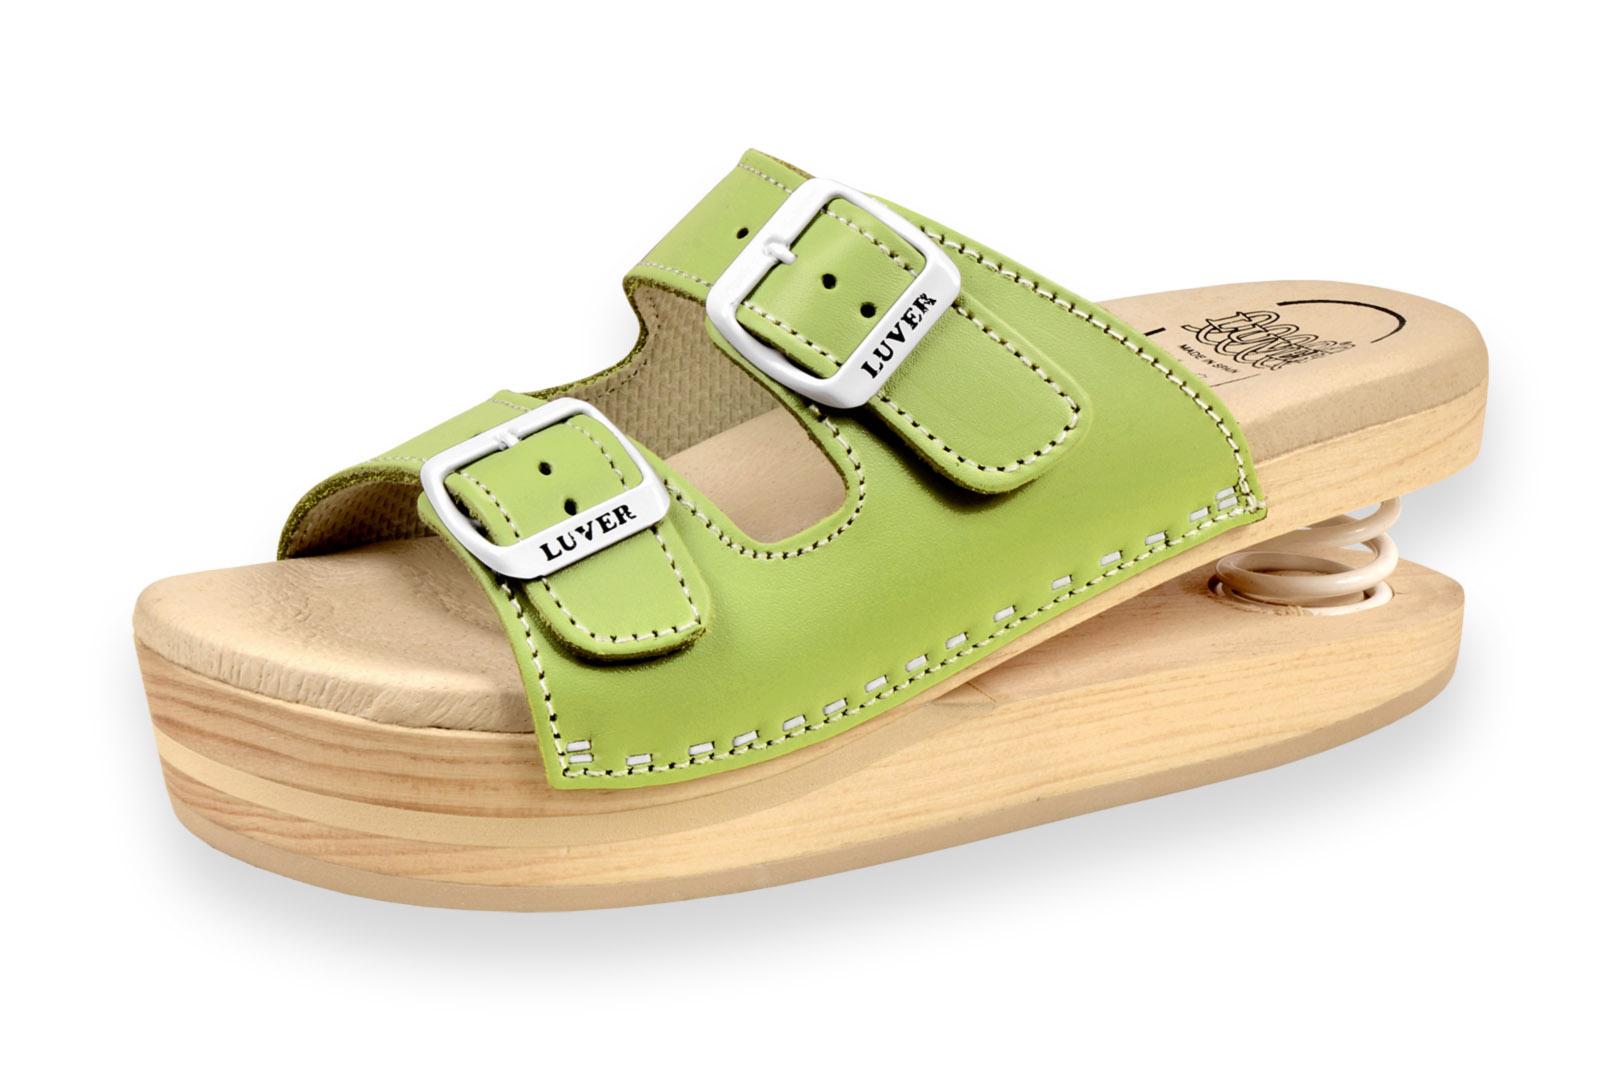 Zdravotní pantofle dámské Primavera Luver zelená - Kliknutím zobrazíte  detail obrázku. 259838b4b9